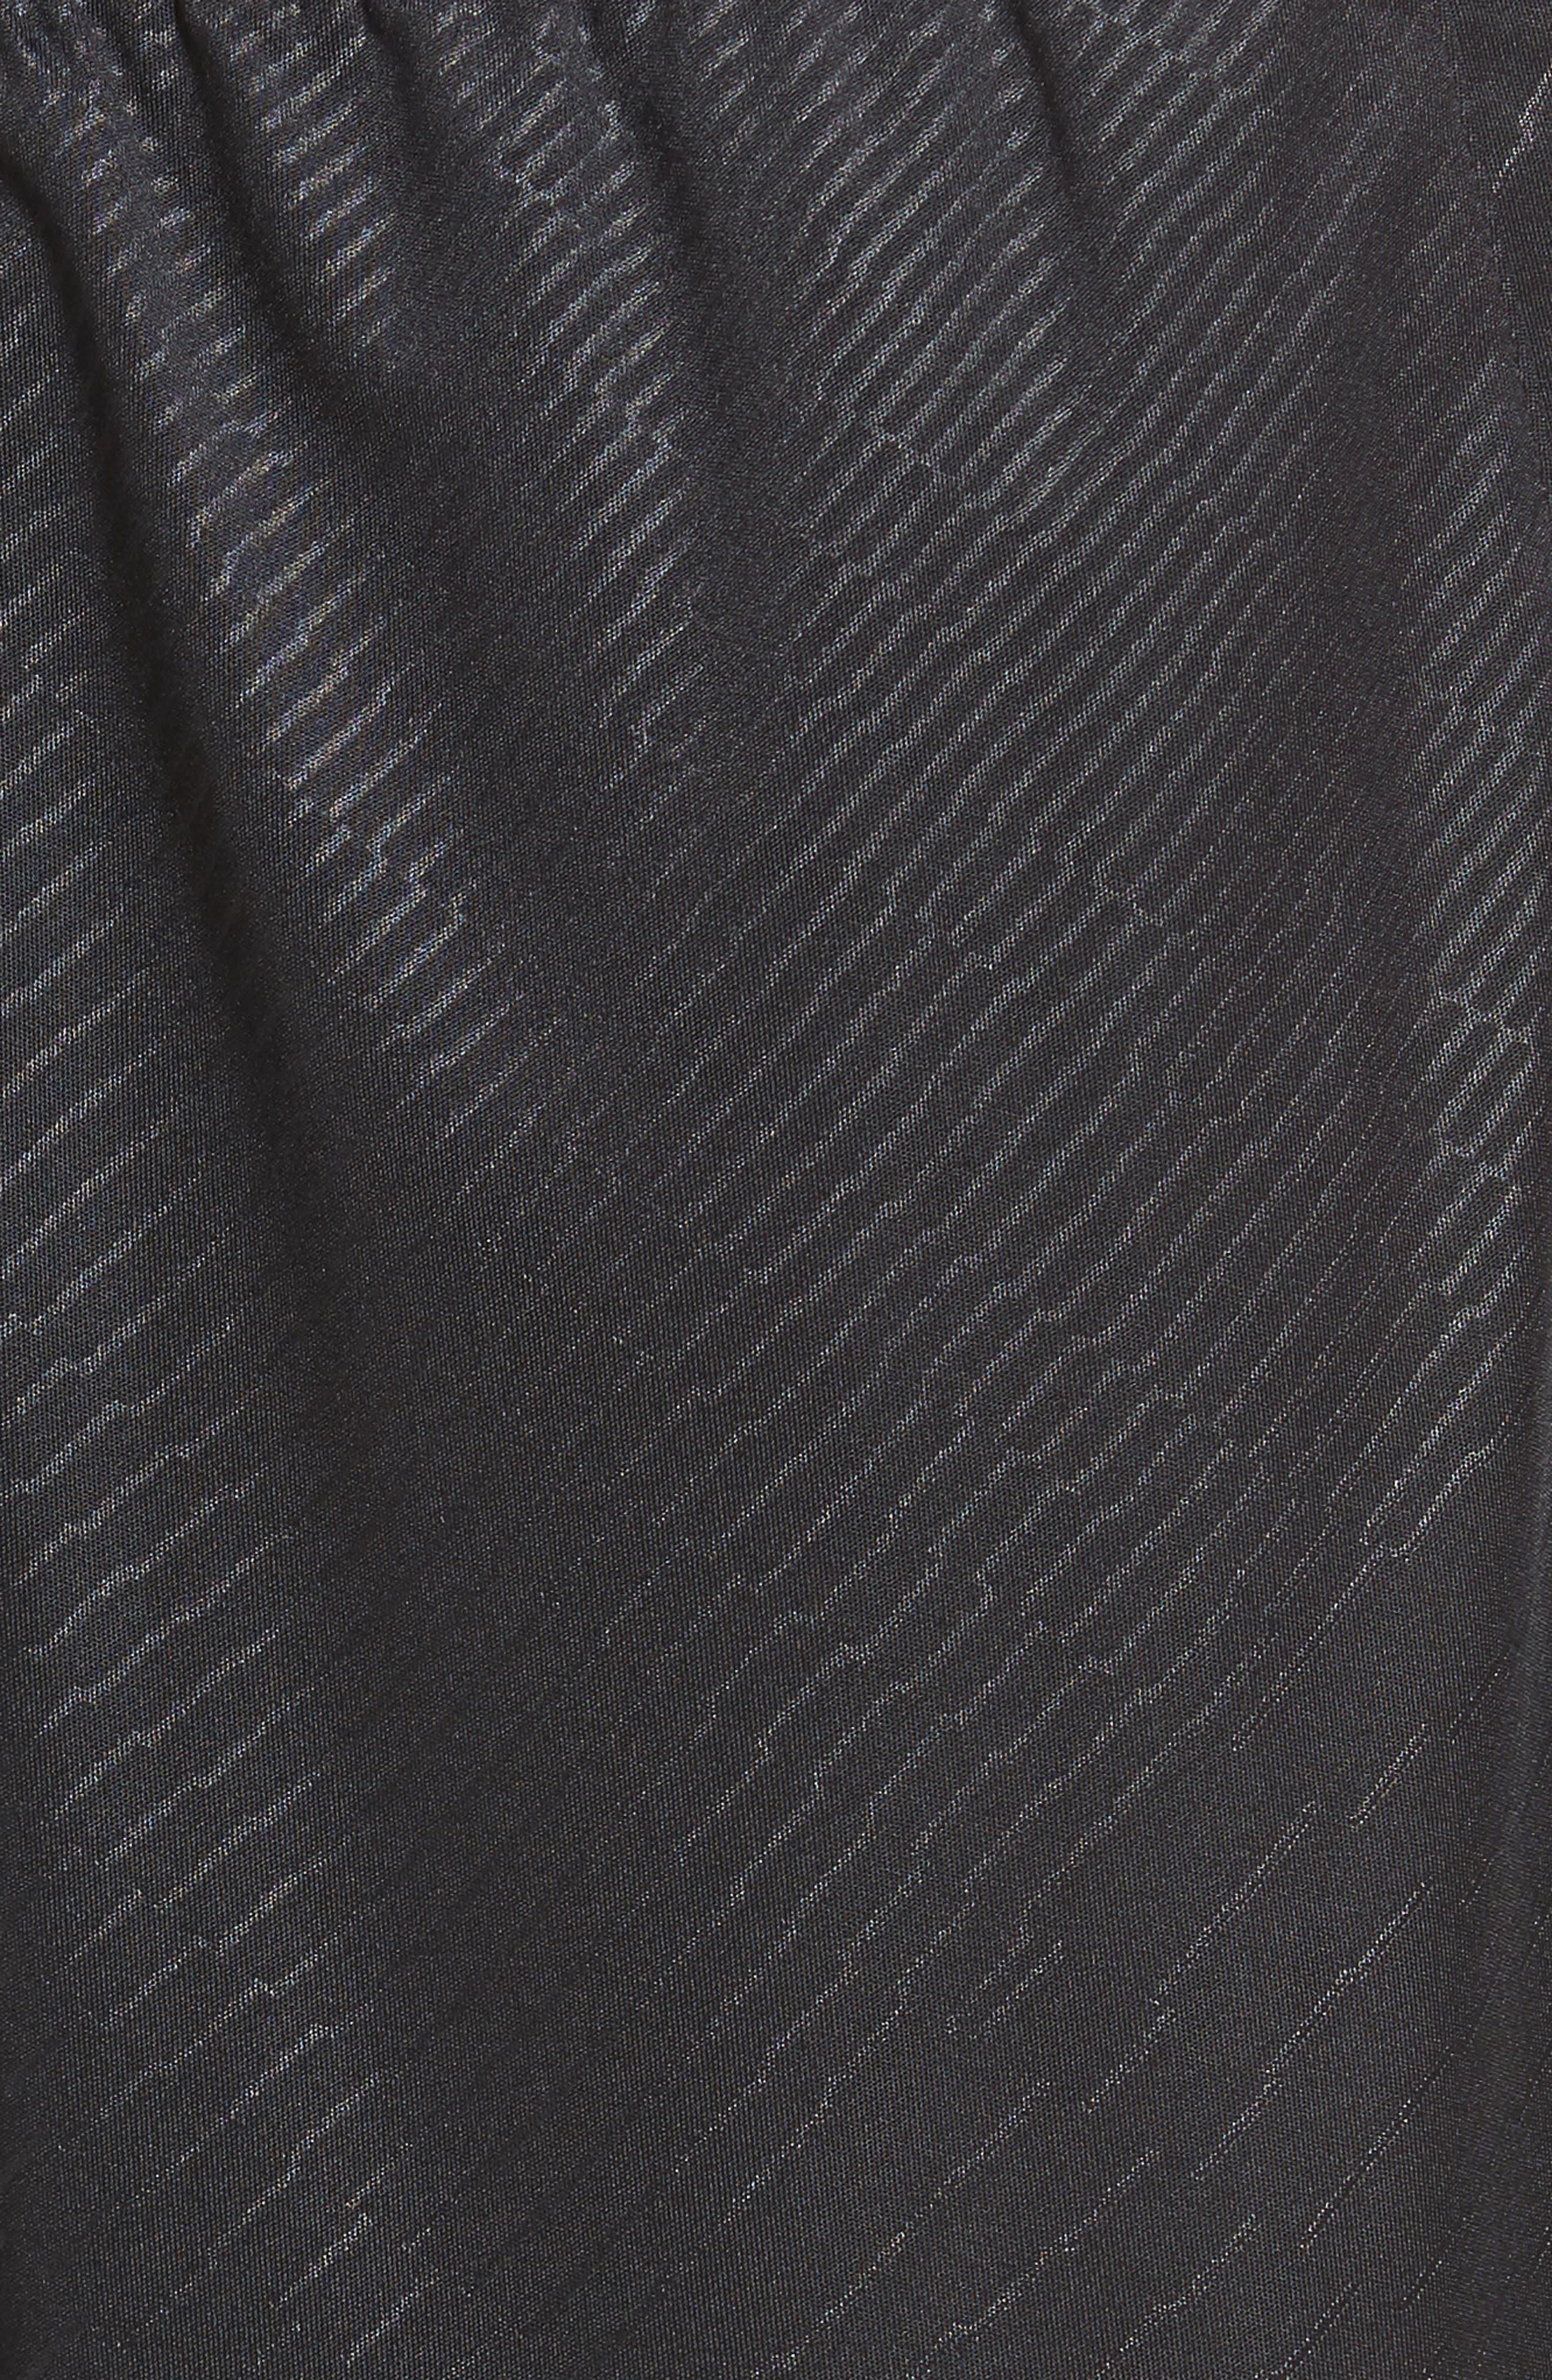 Dry Training Shorts,                             Alternate thumbnail 6, color,                             Black/ White